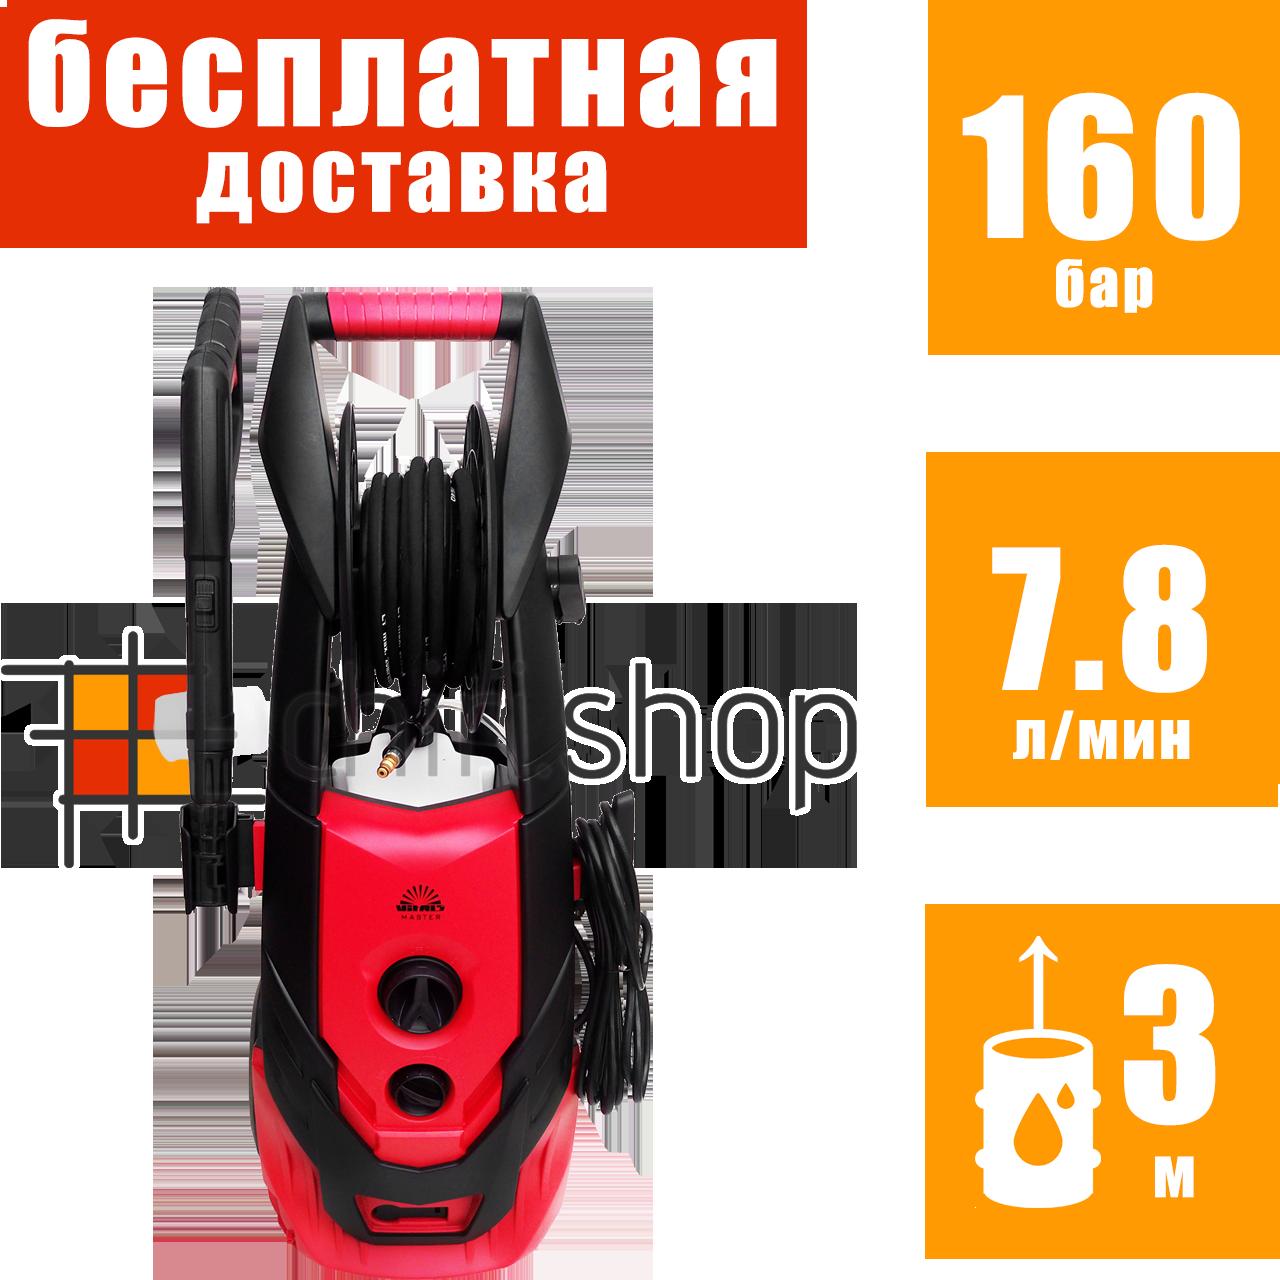 Минимойка Vitals Am 7.8-160w premium, мойка самовсасывающая, аппарат высокого давления для мойки авто